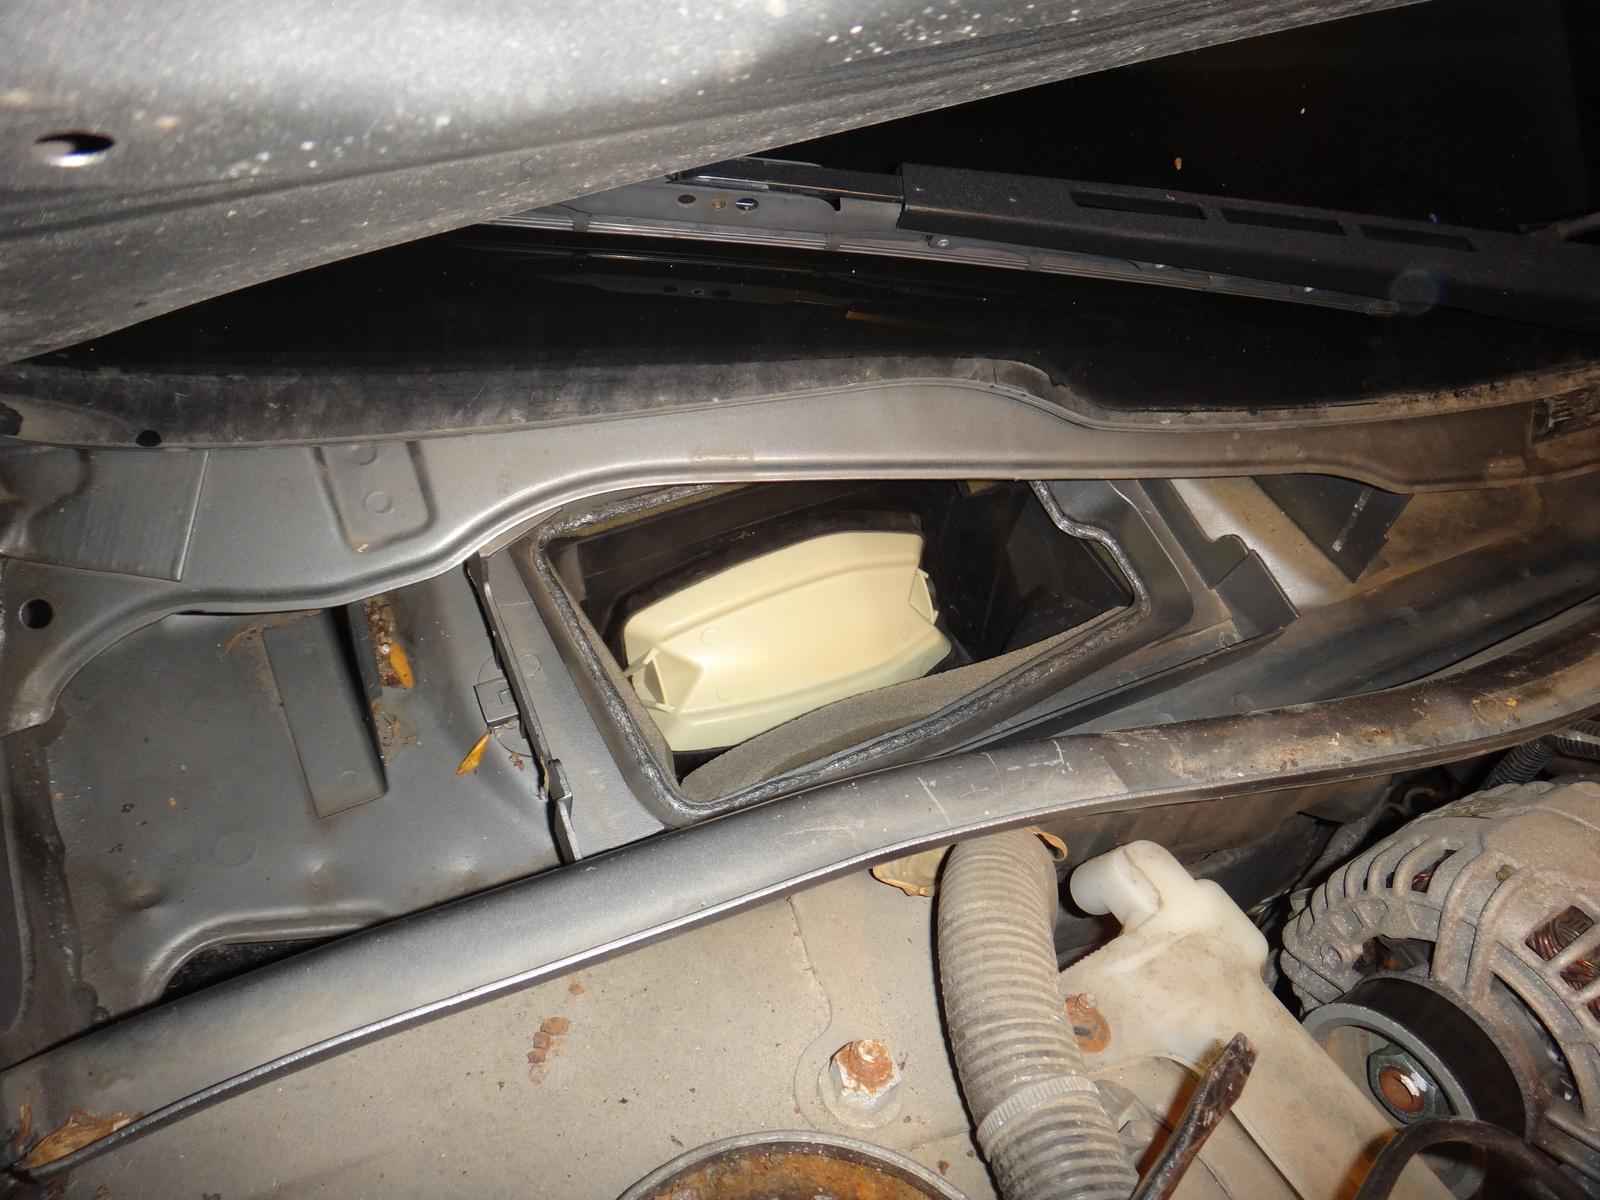 2010 Chevy Impala Heater Problems Facias